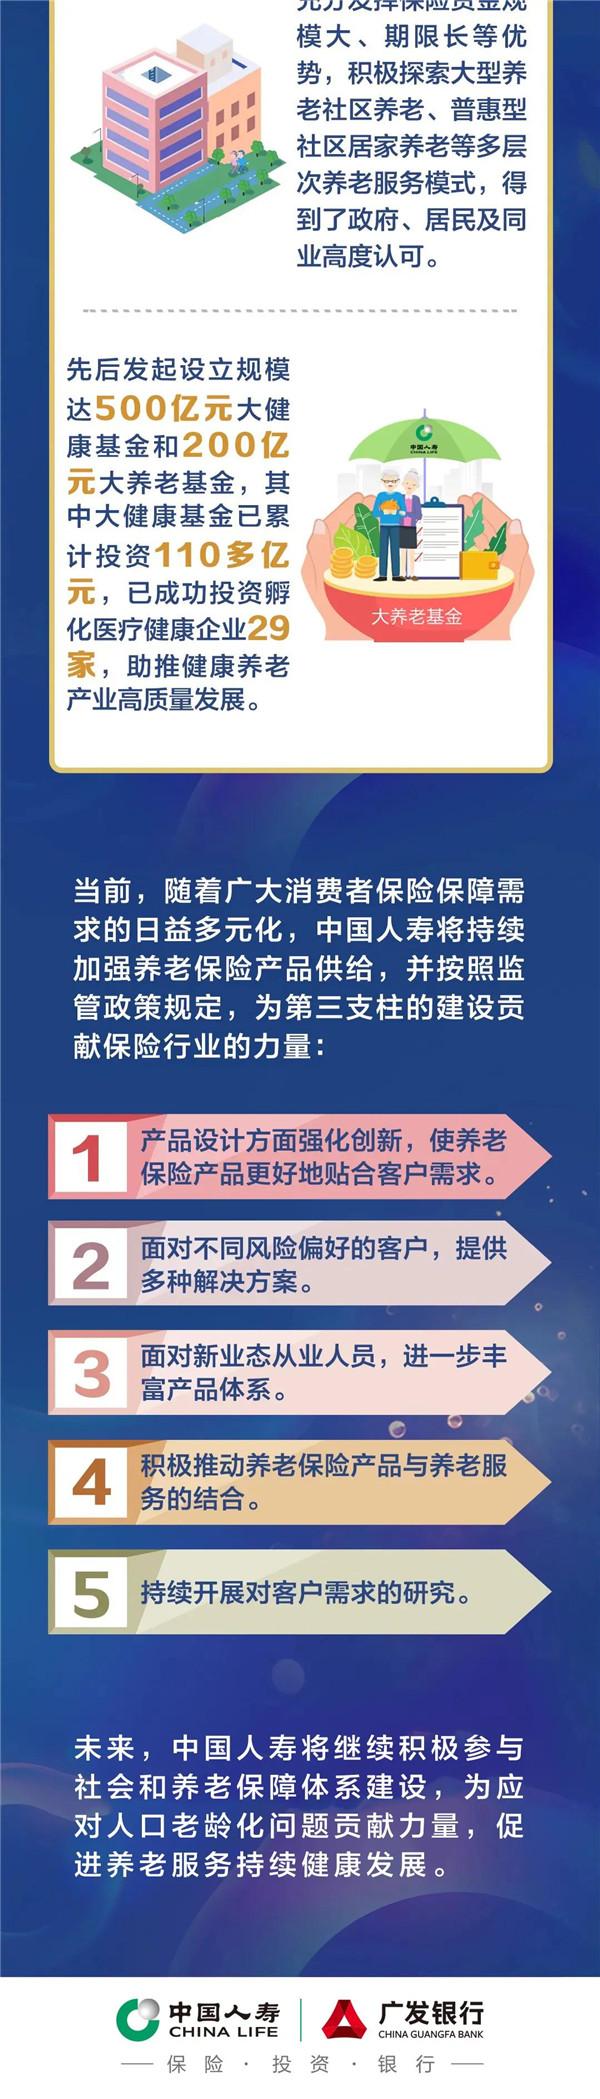 20210406中国人寿多层次社会保障体系-3.jpg